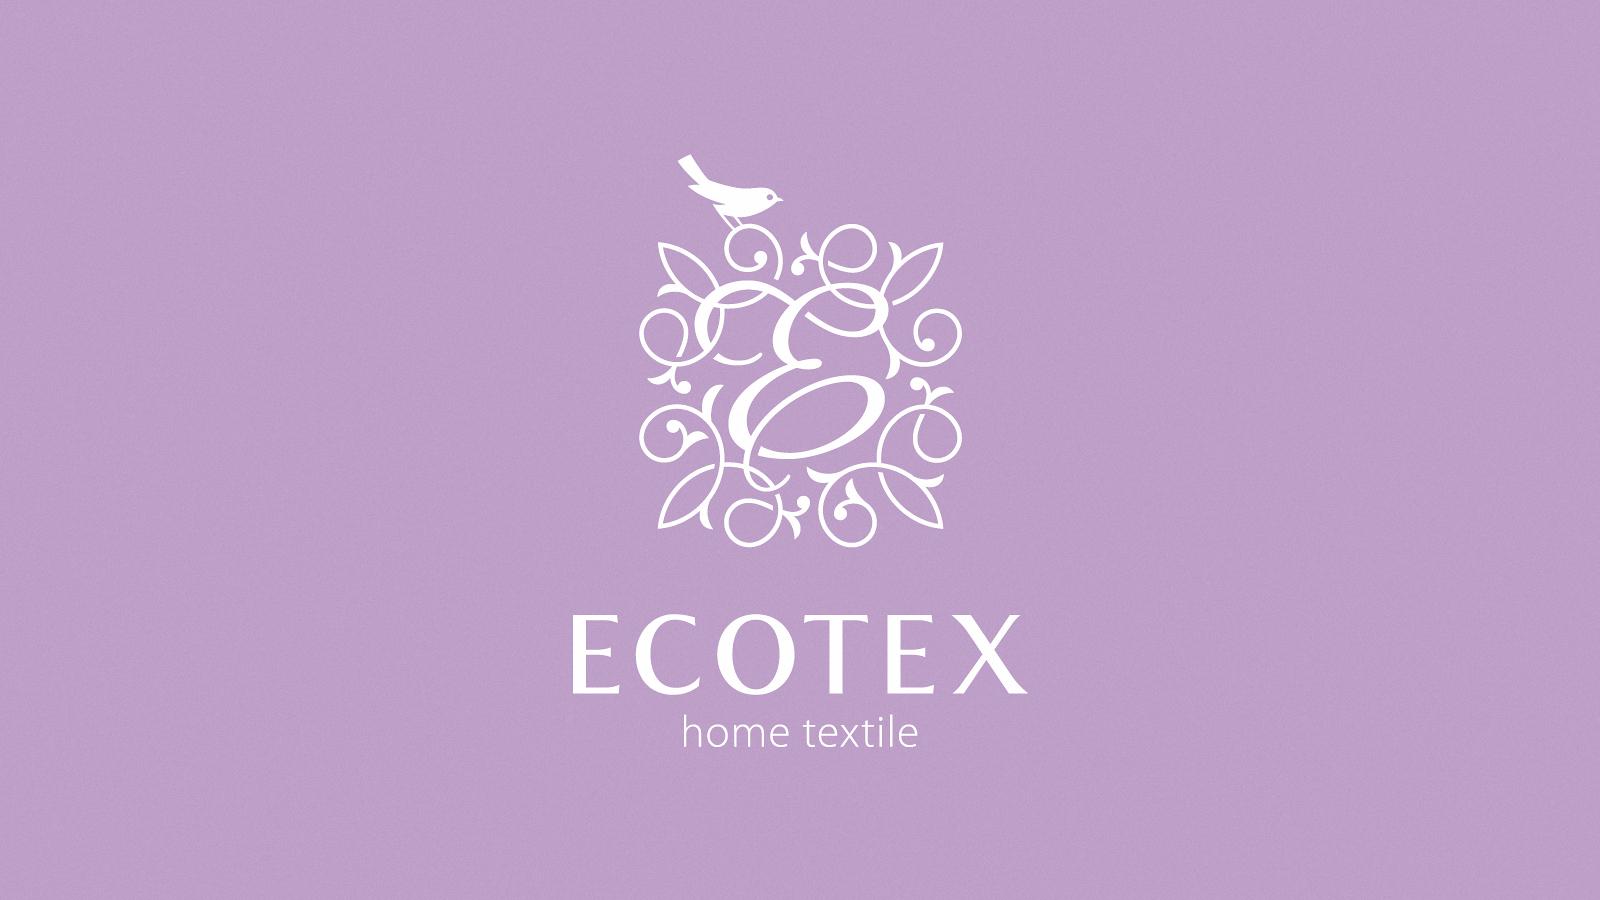 Рестайлинг бренда Ecotex — крупного российского производителя качественного домашнего текстиля